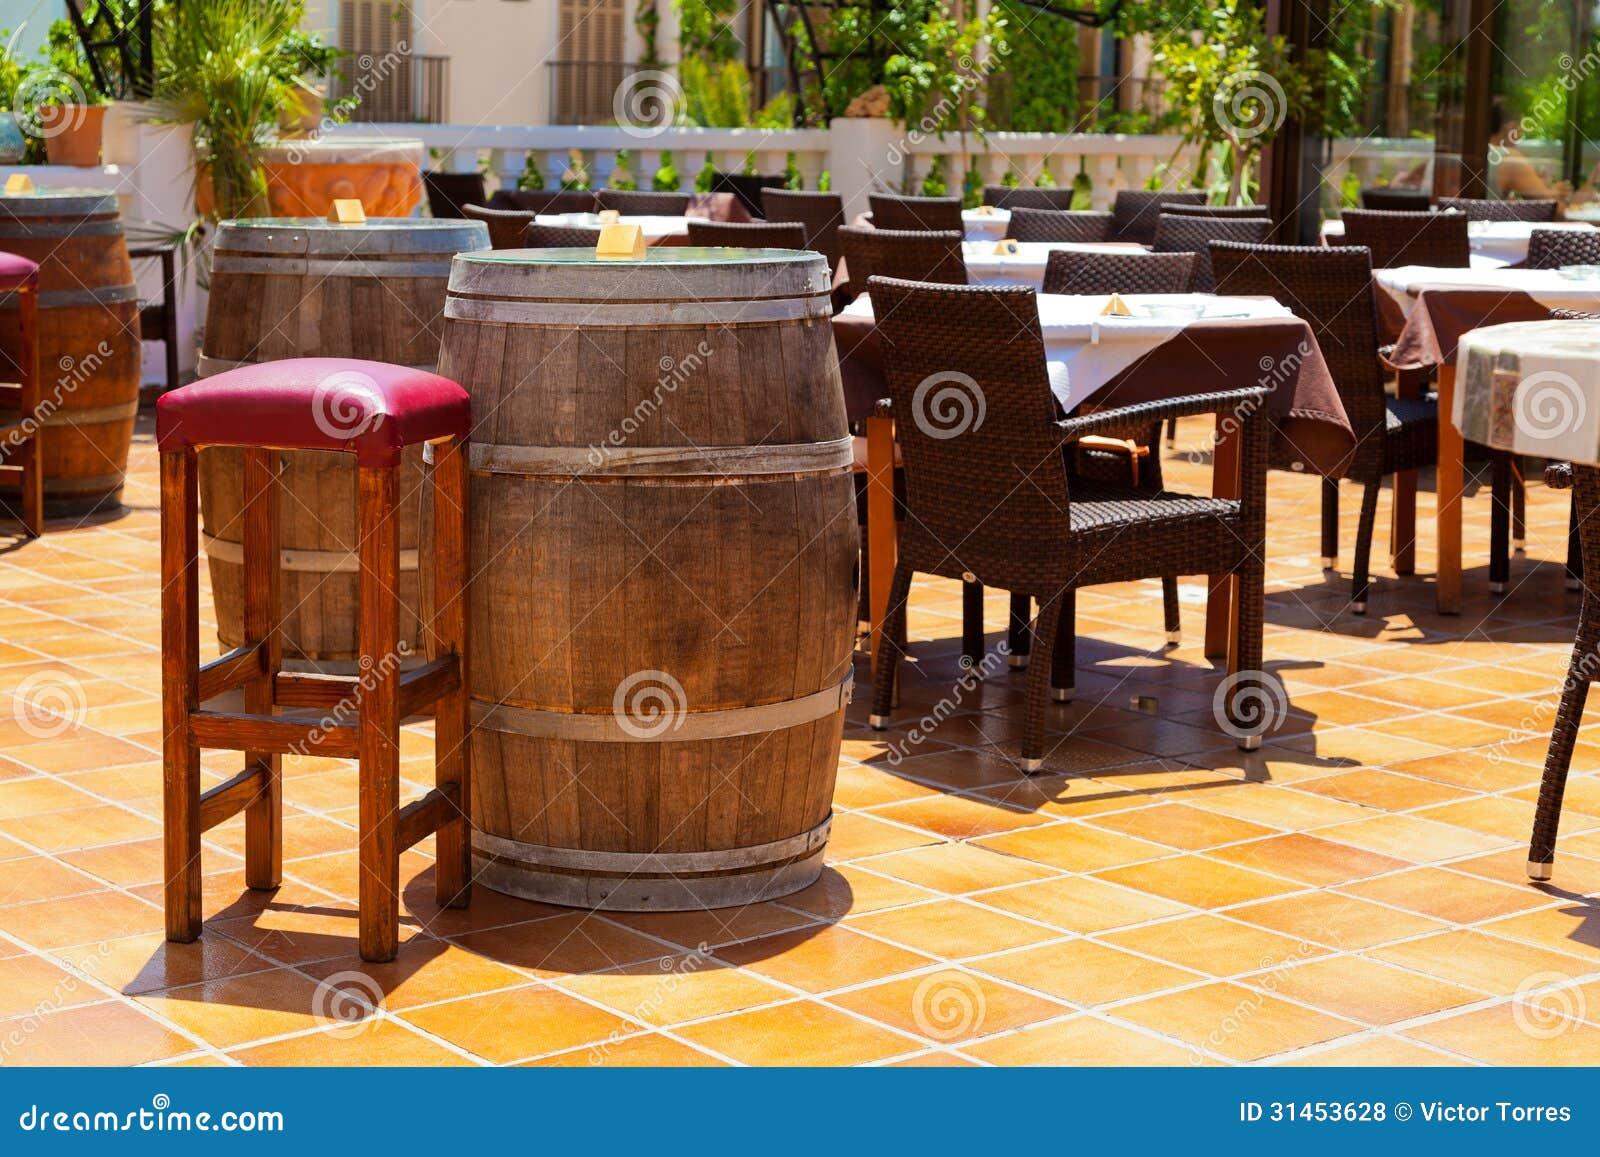 Испанский бар тап